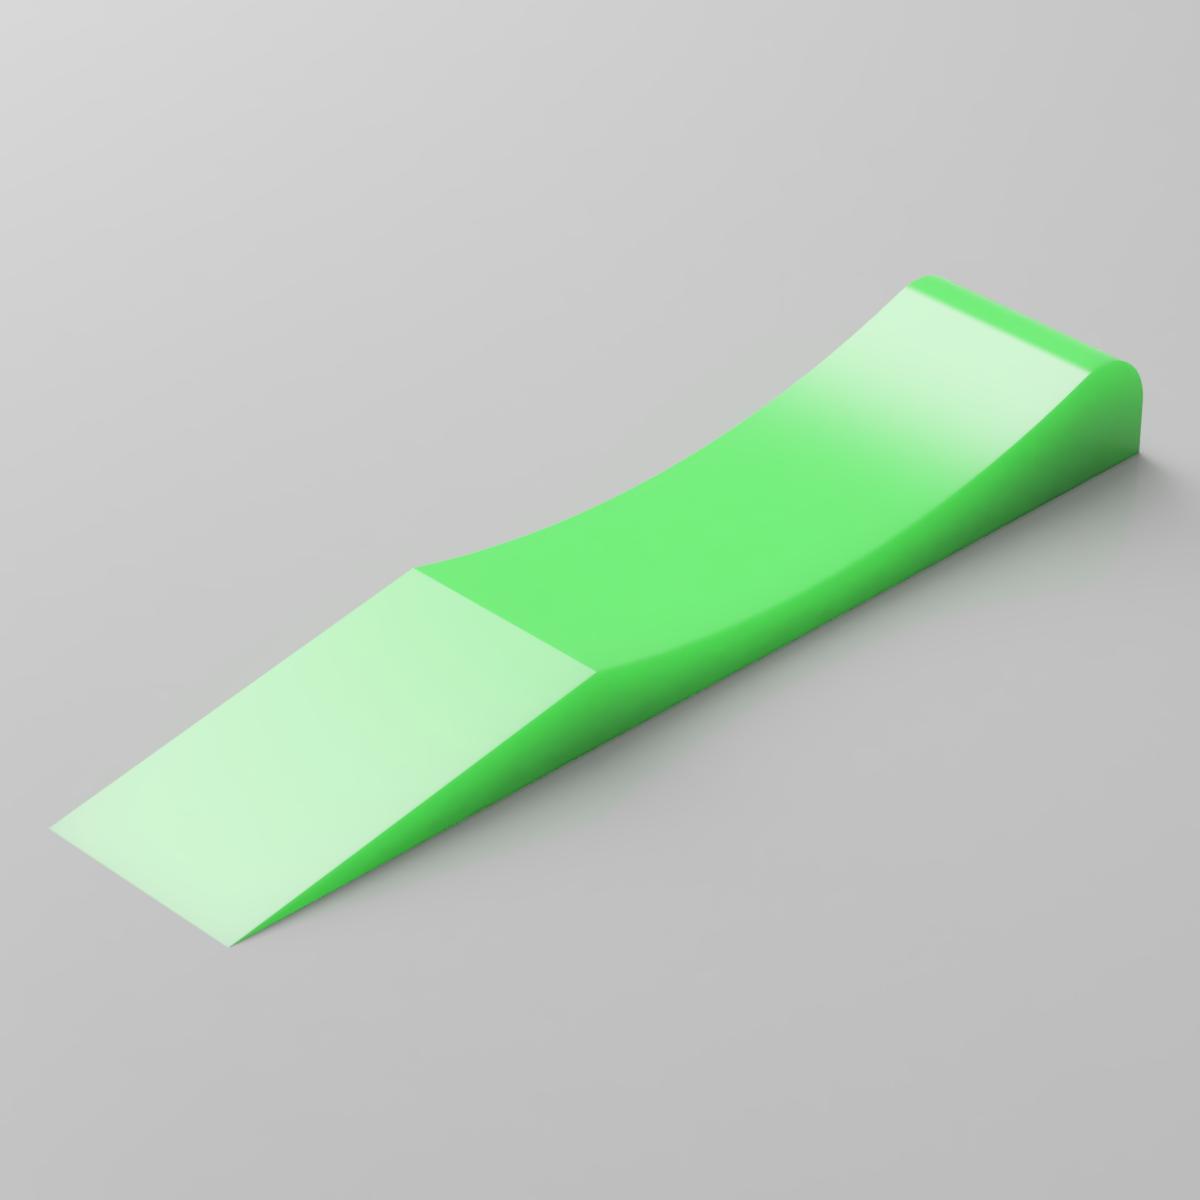 render.png Télécharger fichier STL Modèle 3D de cale, vérin et rampe de levage • Modèle à imprimer en 3D, simonprints